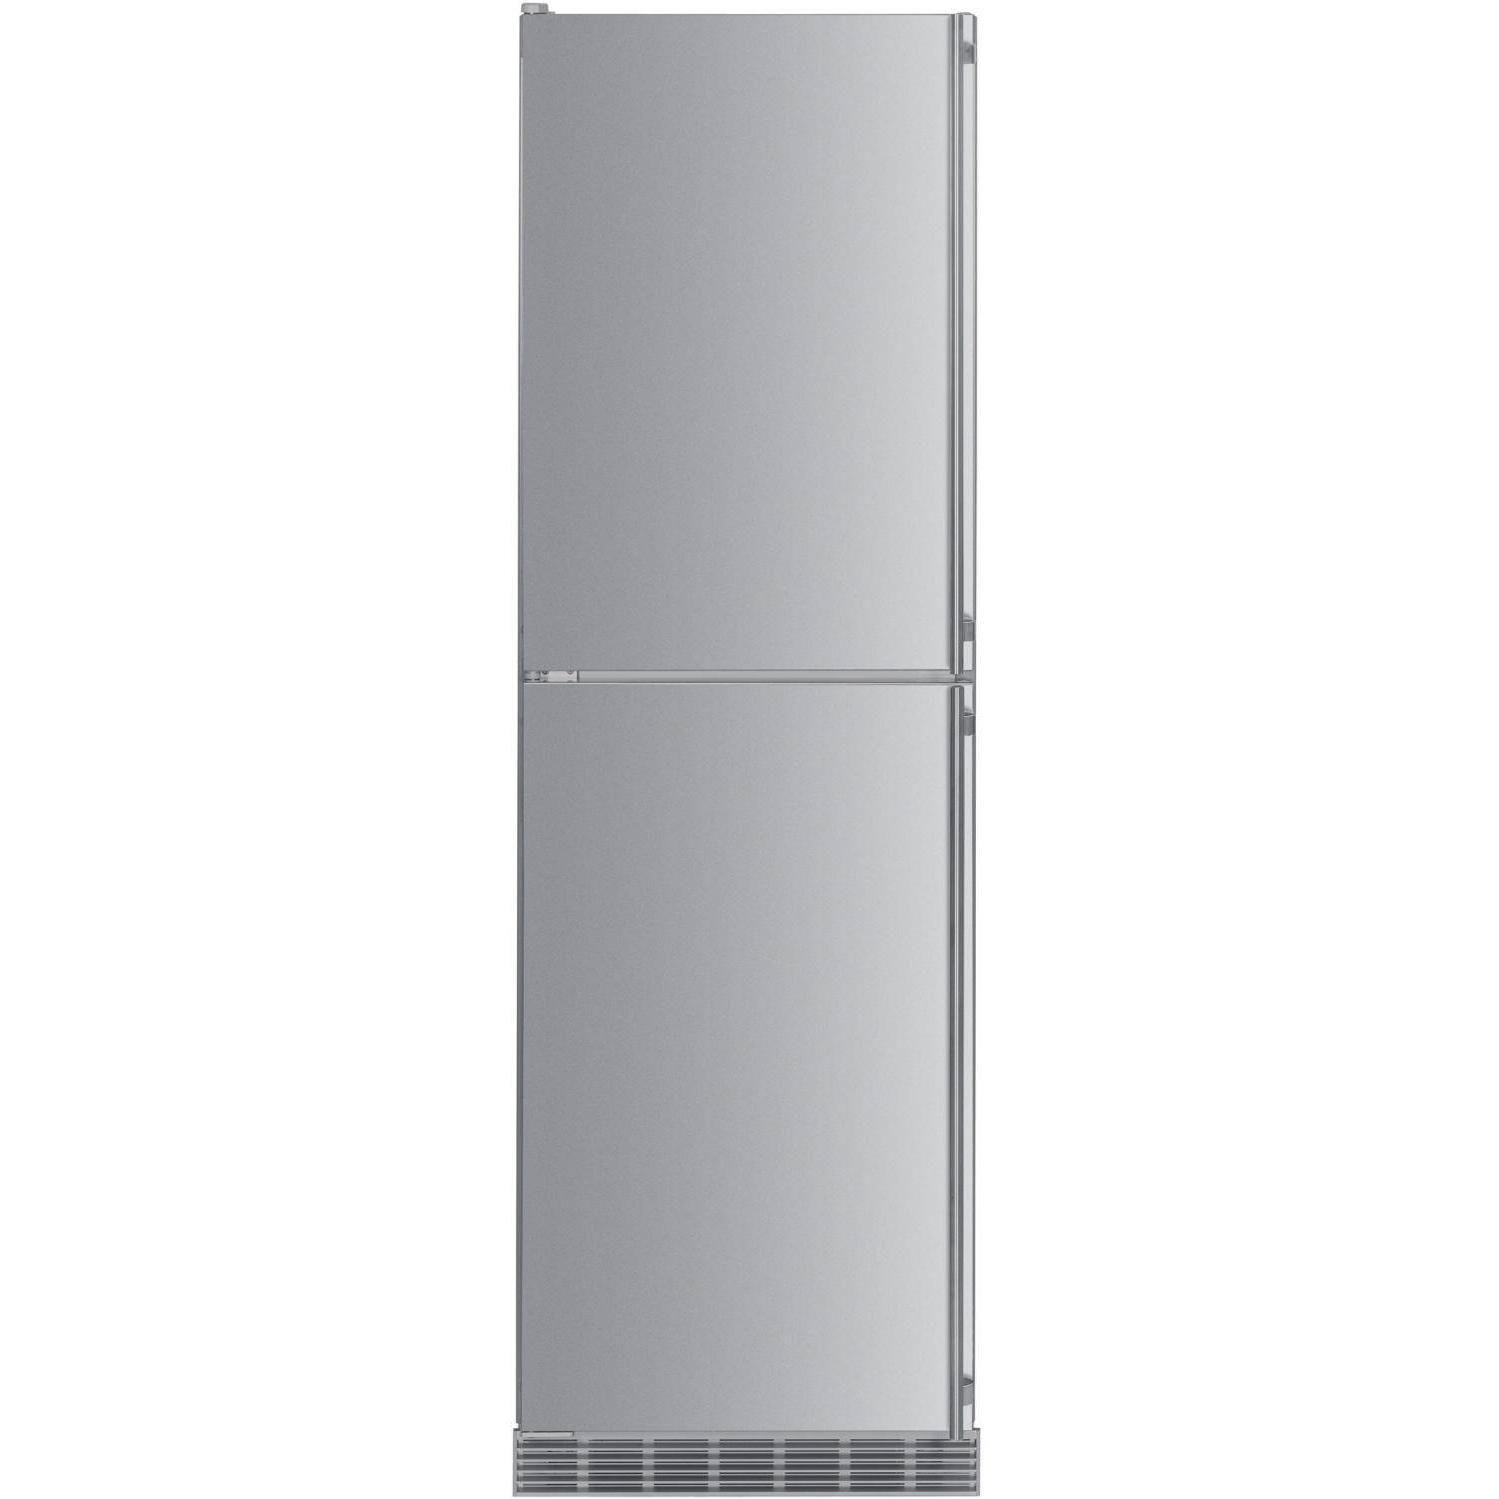 Liebherr 10.0 Cu. Ft. Built-In Bottom Freezer Refrigerator ...